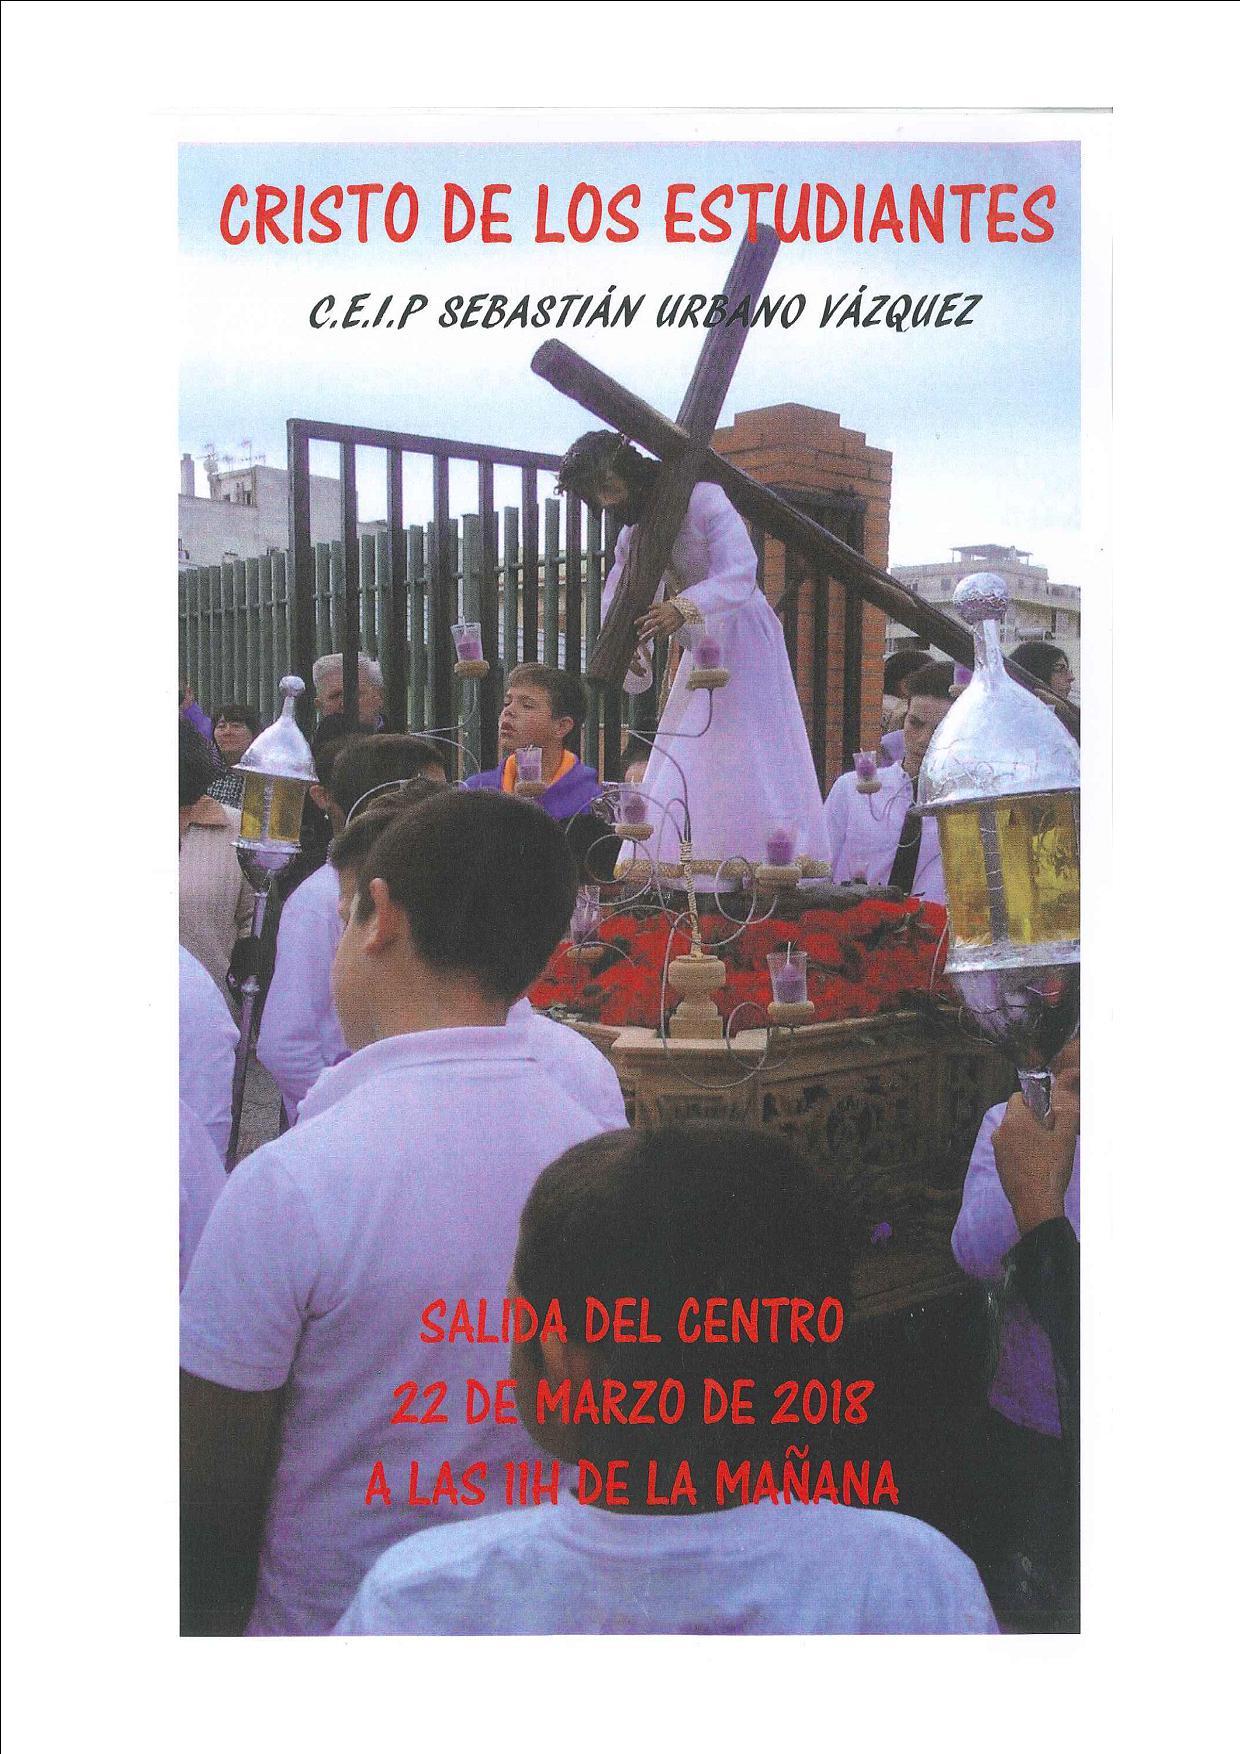 """Este Jueves se celebra la Procesión del """"Cristo de los Estudiantes"""" del Sebastián Urbano Vázquez"""